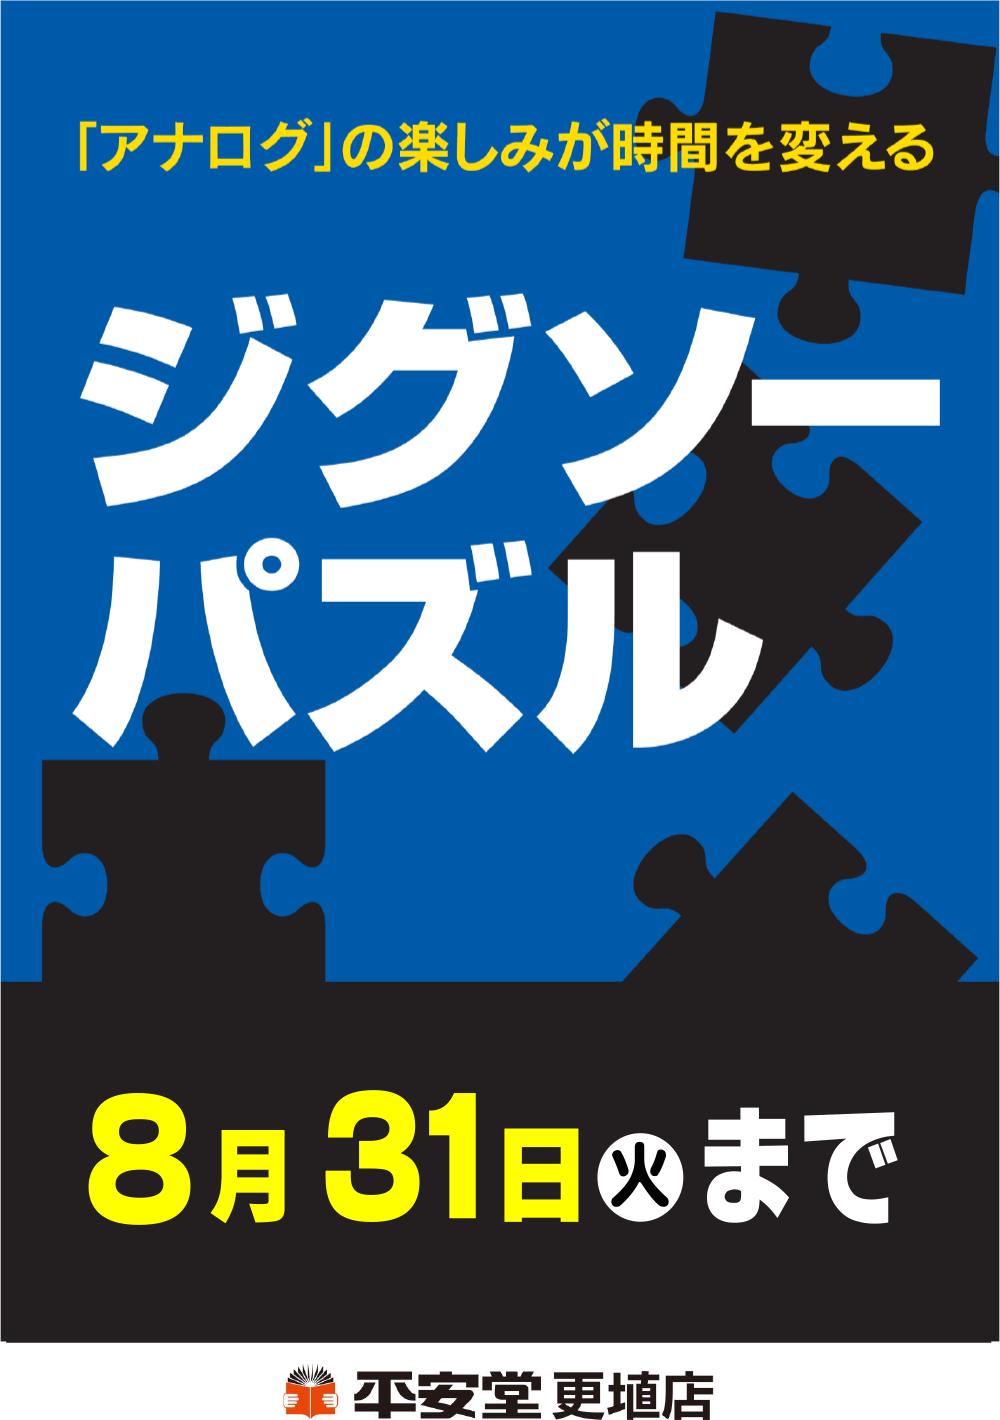 202106_koshoku